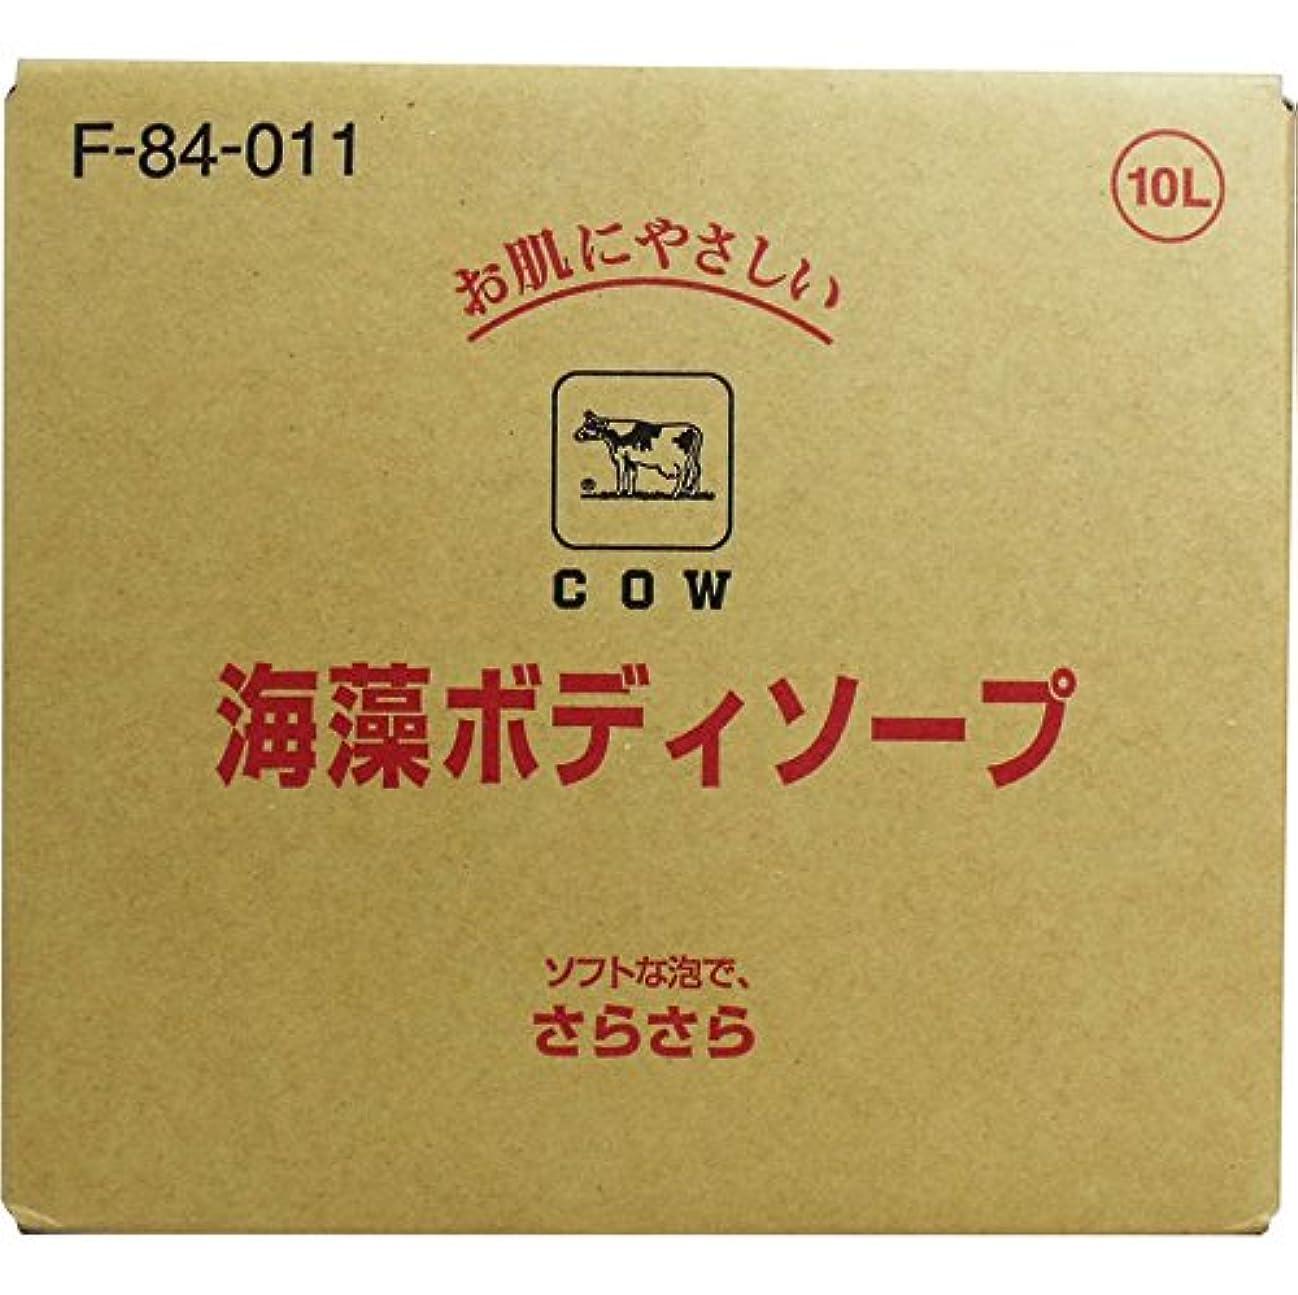 ホステスモンゴメリーミニボディ 石けん詰め替え さらさらした洗い心地 便利商品 牛乳ブランド 海藻ボディソープ 業務用 10L